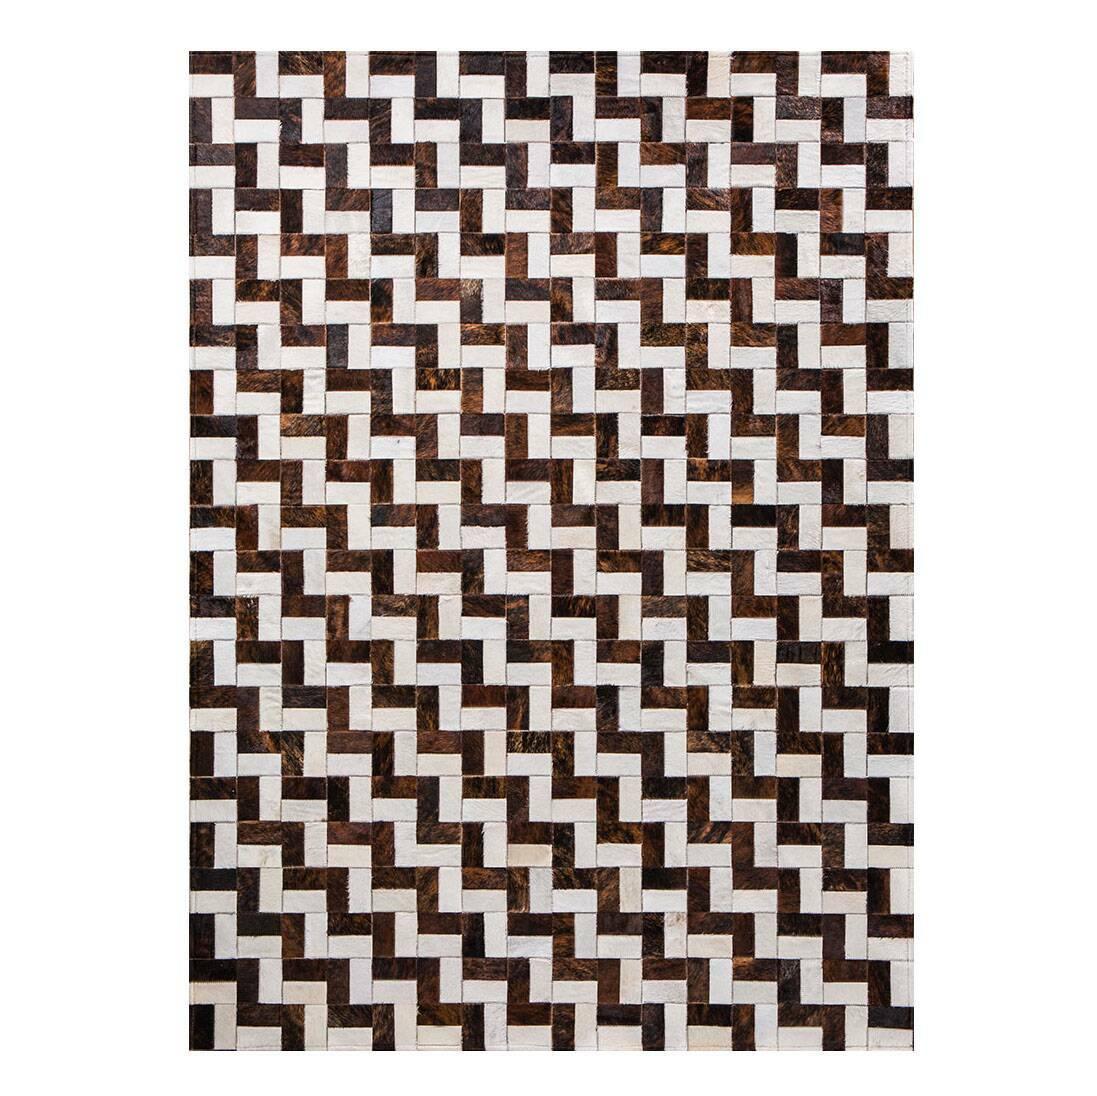 Ковер InterferenceКовры<br>Mosaic Rug – это уникальный английский бренд, который занимается производством высококачественных ковров из коровьих шкур на основе из искусственной кожи. Дизайнеры создают из этого необычного материала настоящие шедевры. Каждое изделие шьется вручную с помощью современных швейных машин. Ковры отличаются яркой индивидуальностью и характером, каждый обладает интересными сочетаниями цветовых оттенков, паттернов, рисунков и узоров. Все этапы производства находятся под тщательным контролем опы...<br><br>stock: 0<br>Ширина: 120<br>Материал: Коровья шкура<br>Цвет: Разноцветный<br>Длина: 180<br>Состав основы: Кожа искусственная